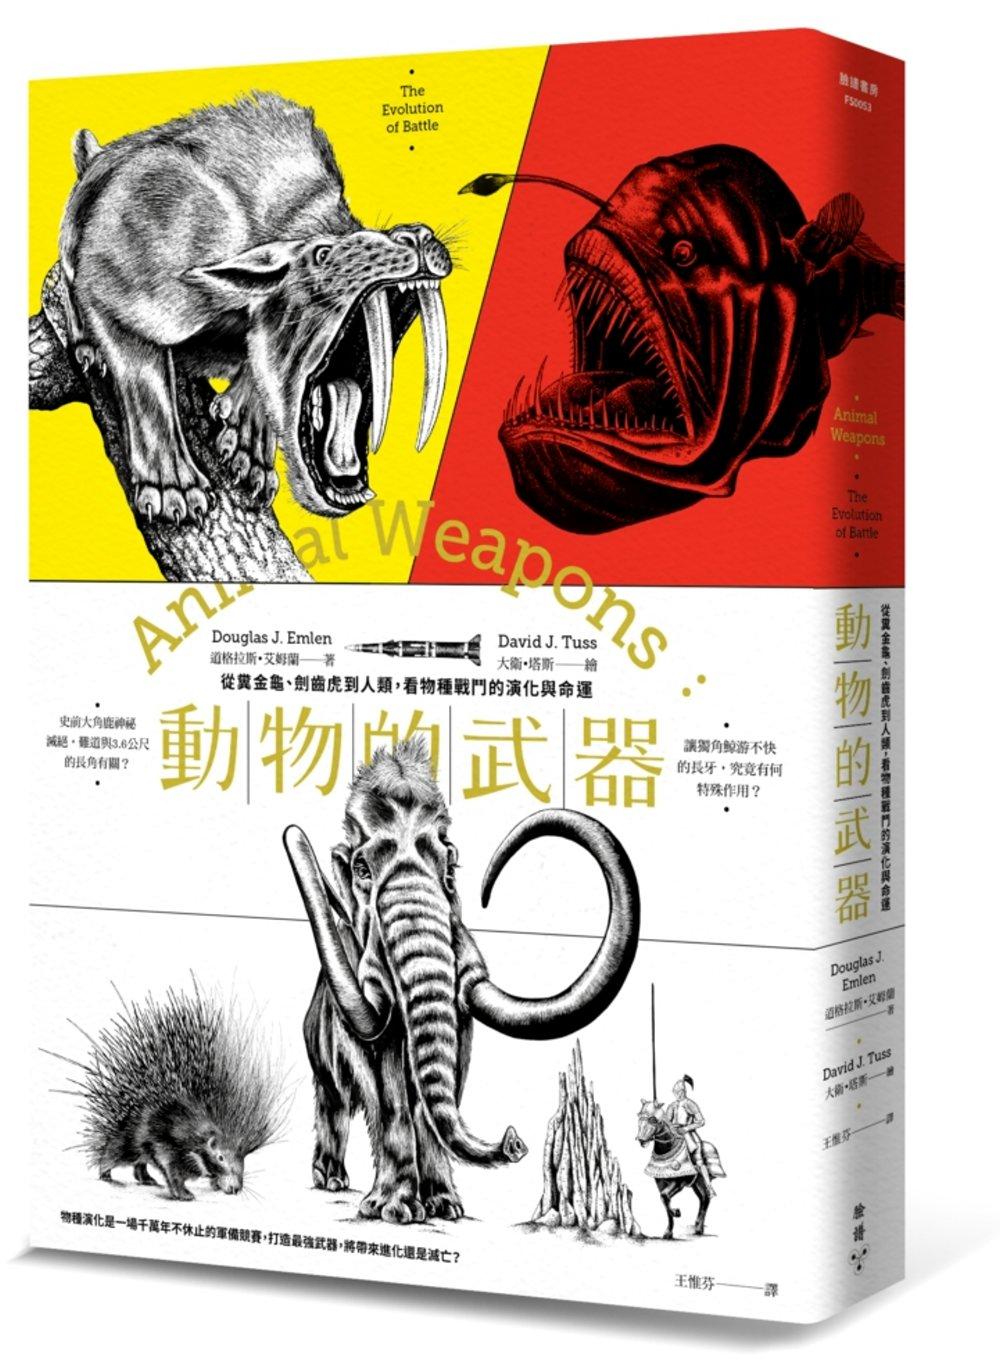 动物的武器:从粪金龟、剑齿虎到人类 看物种战斗的演化与命运